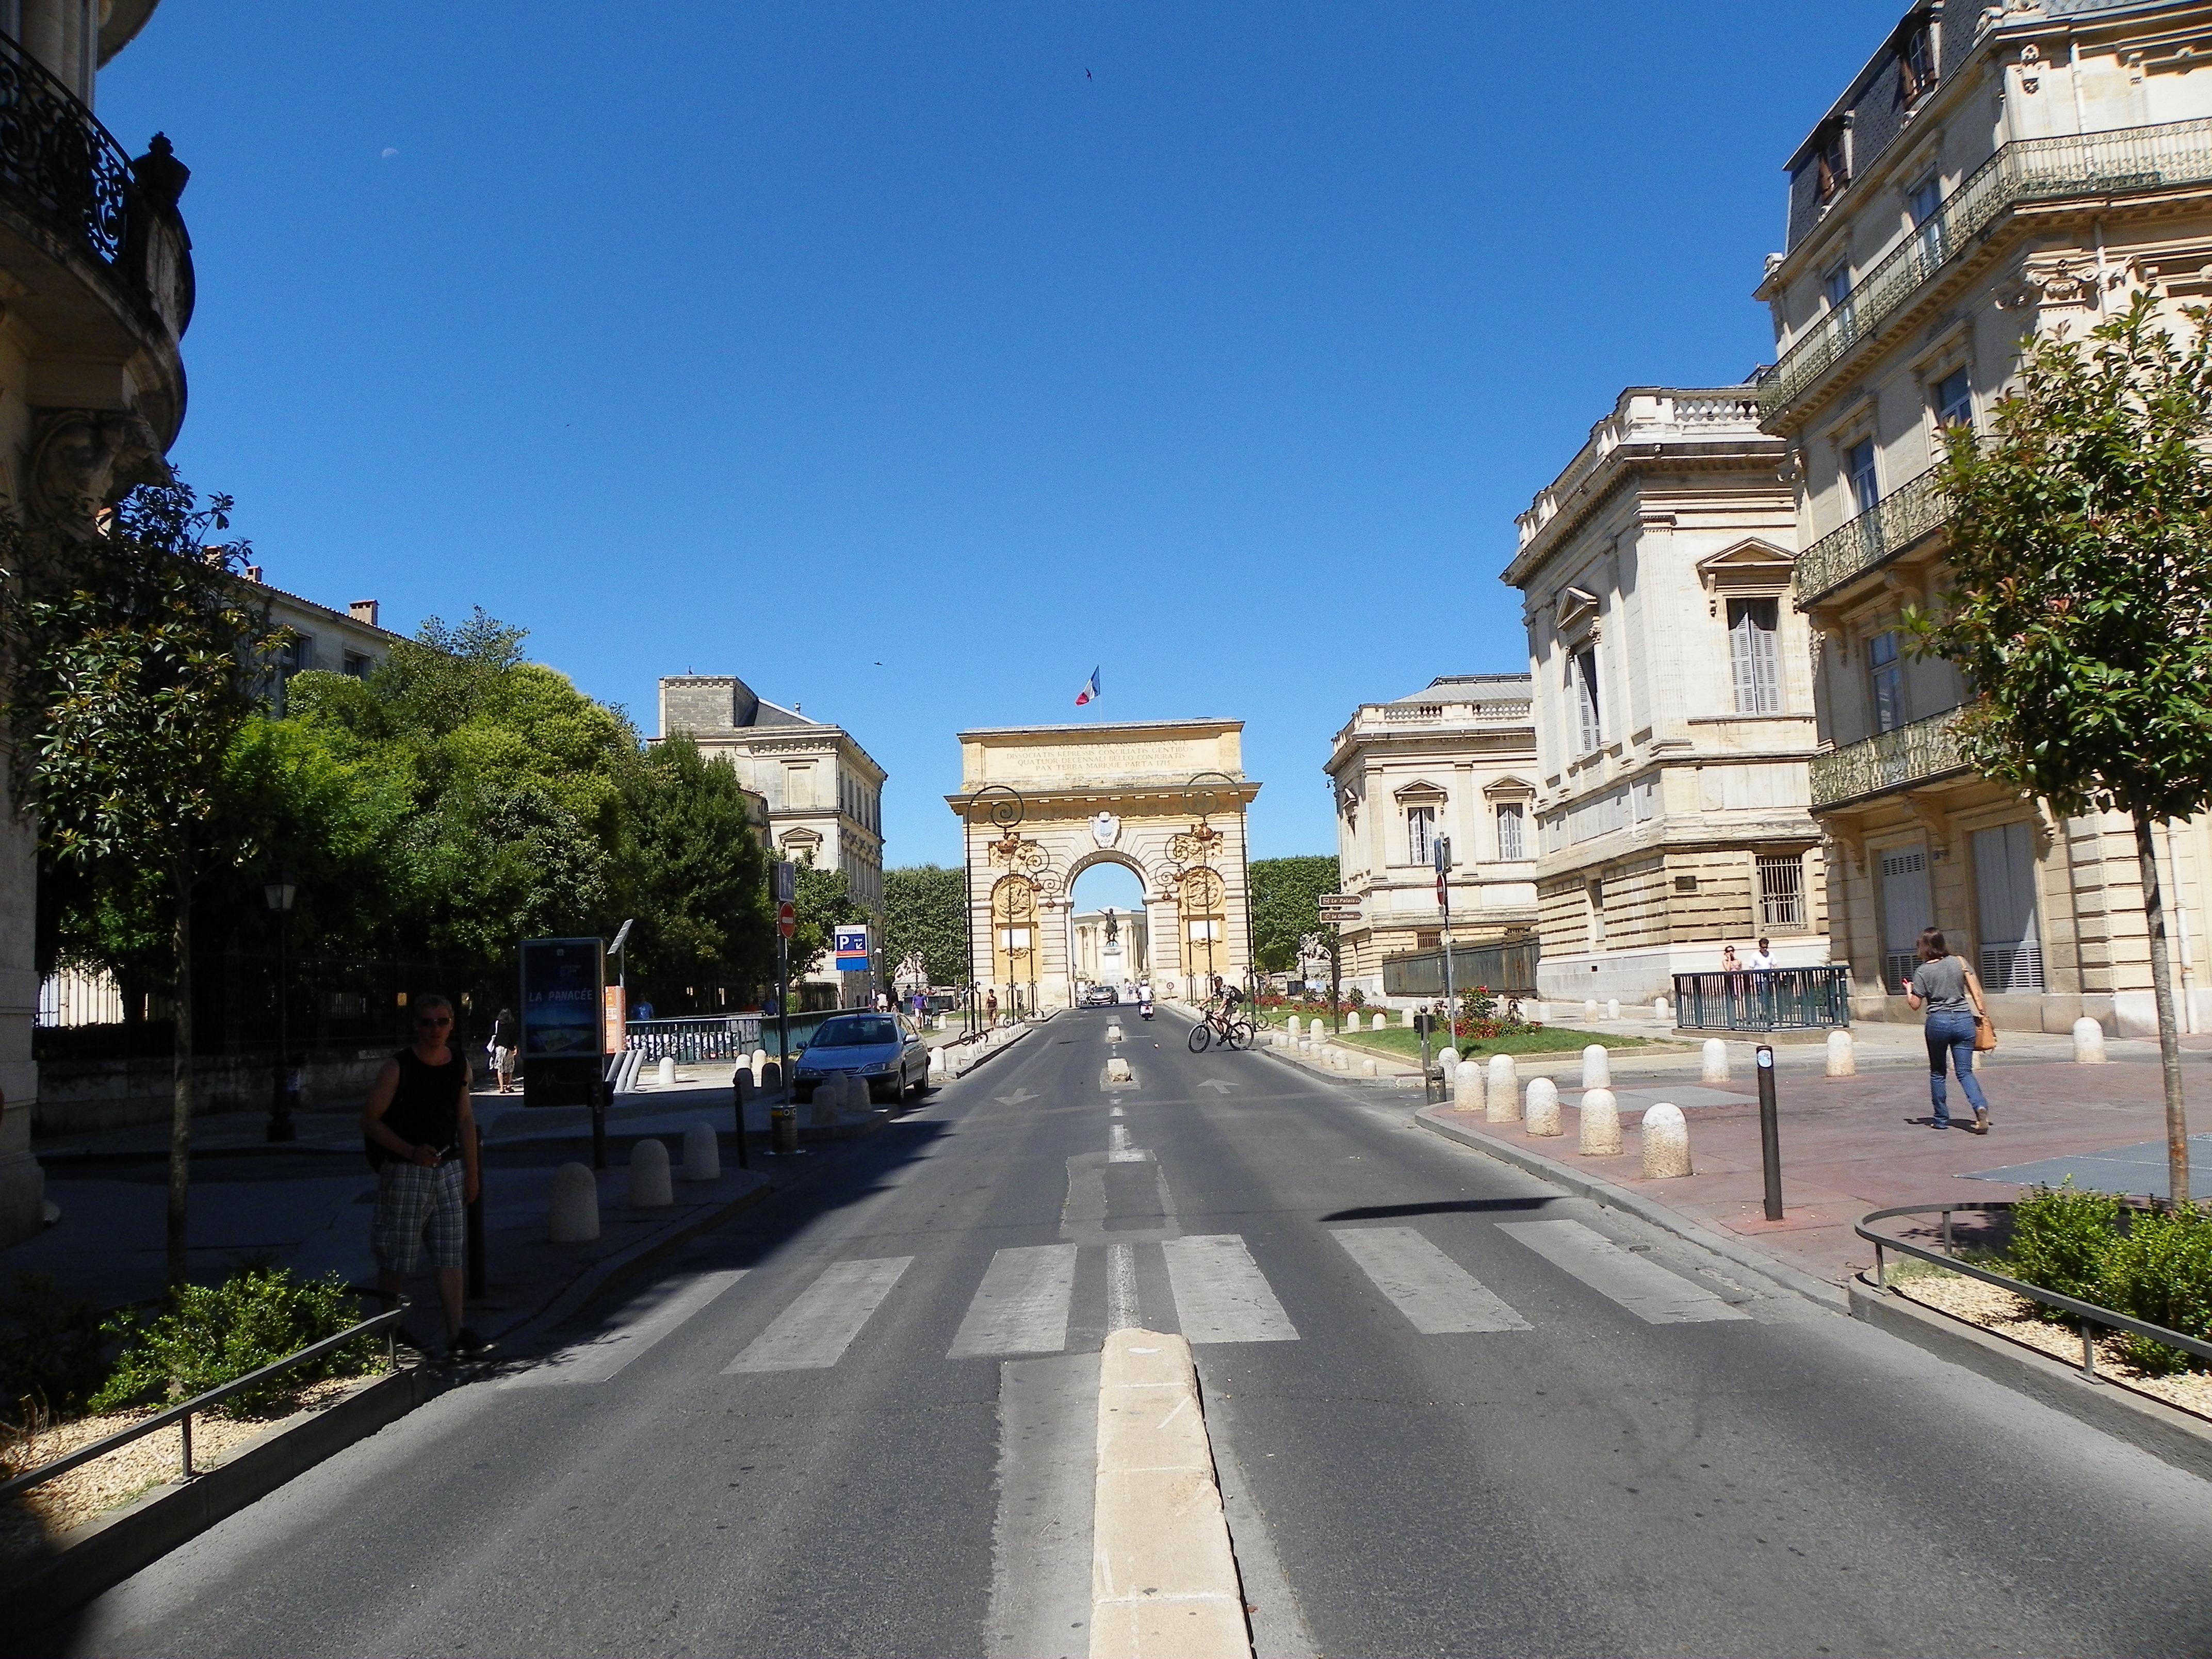 Montpellier les pieds fatigu s - Arc de triomphe montpellier ...